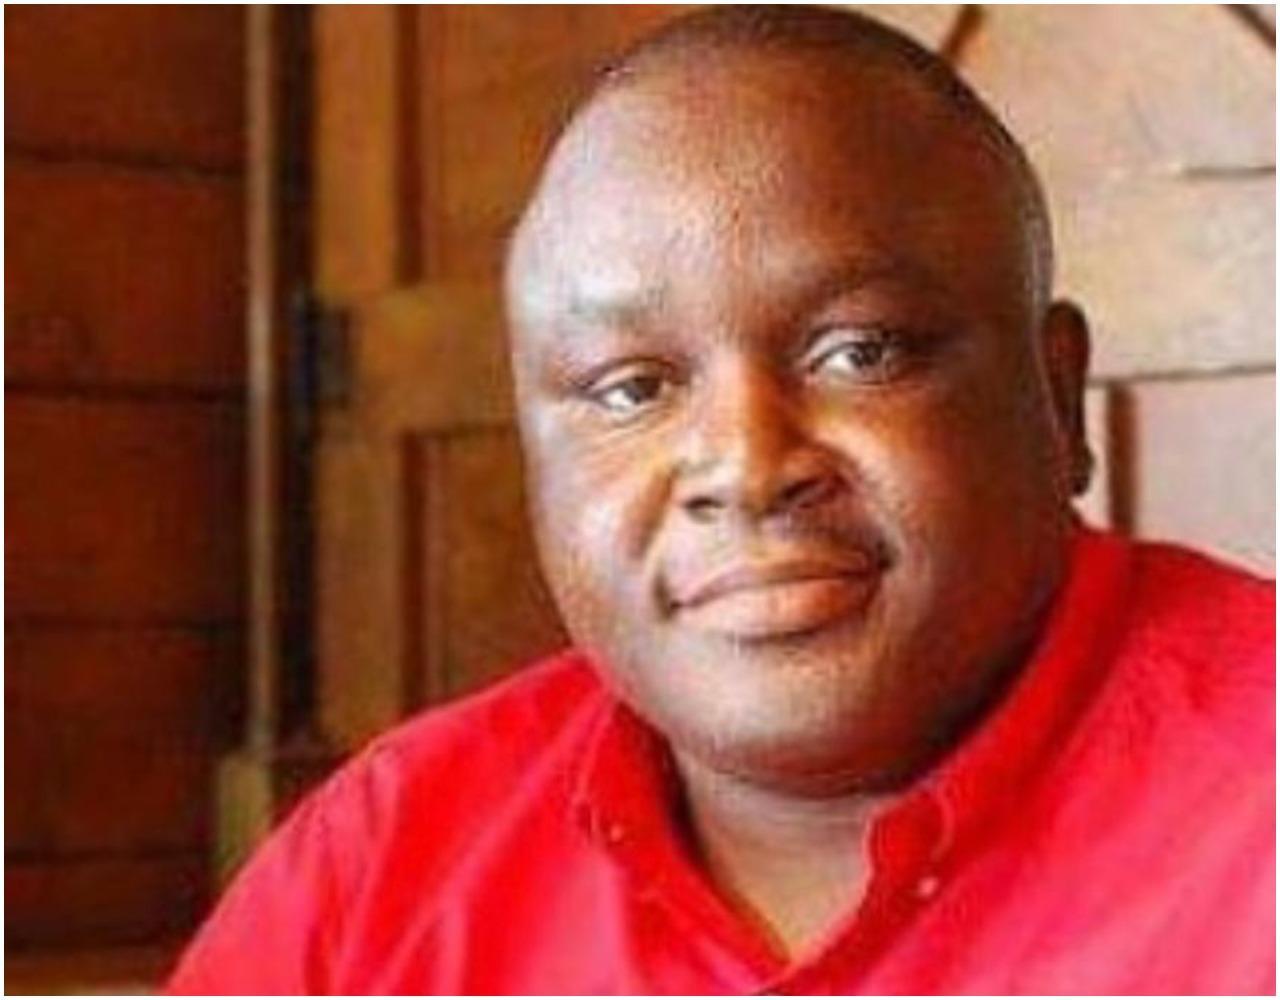 Nigerian rapper, Biglo is dead